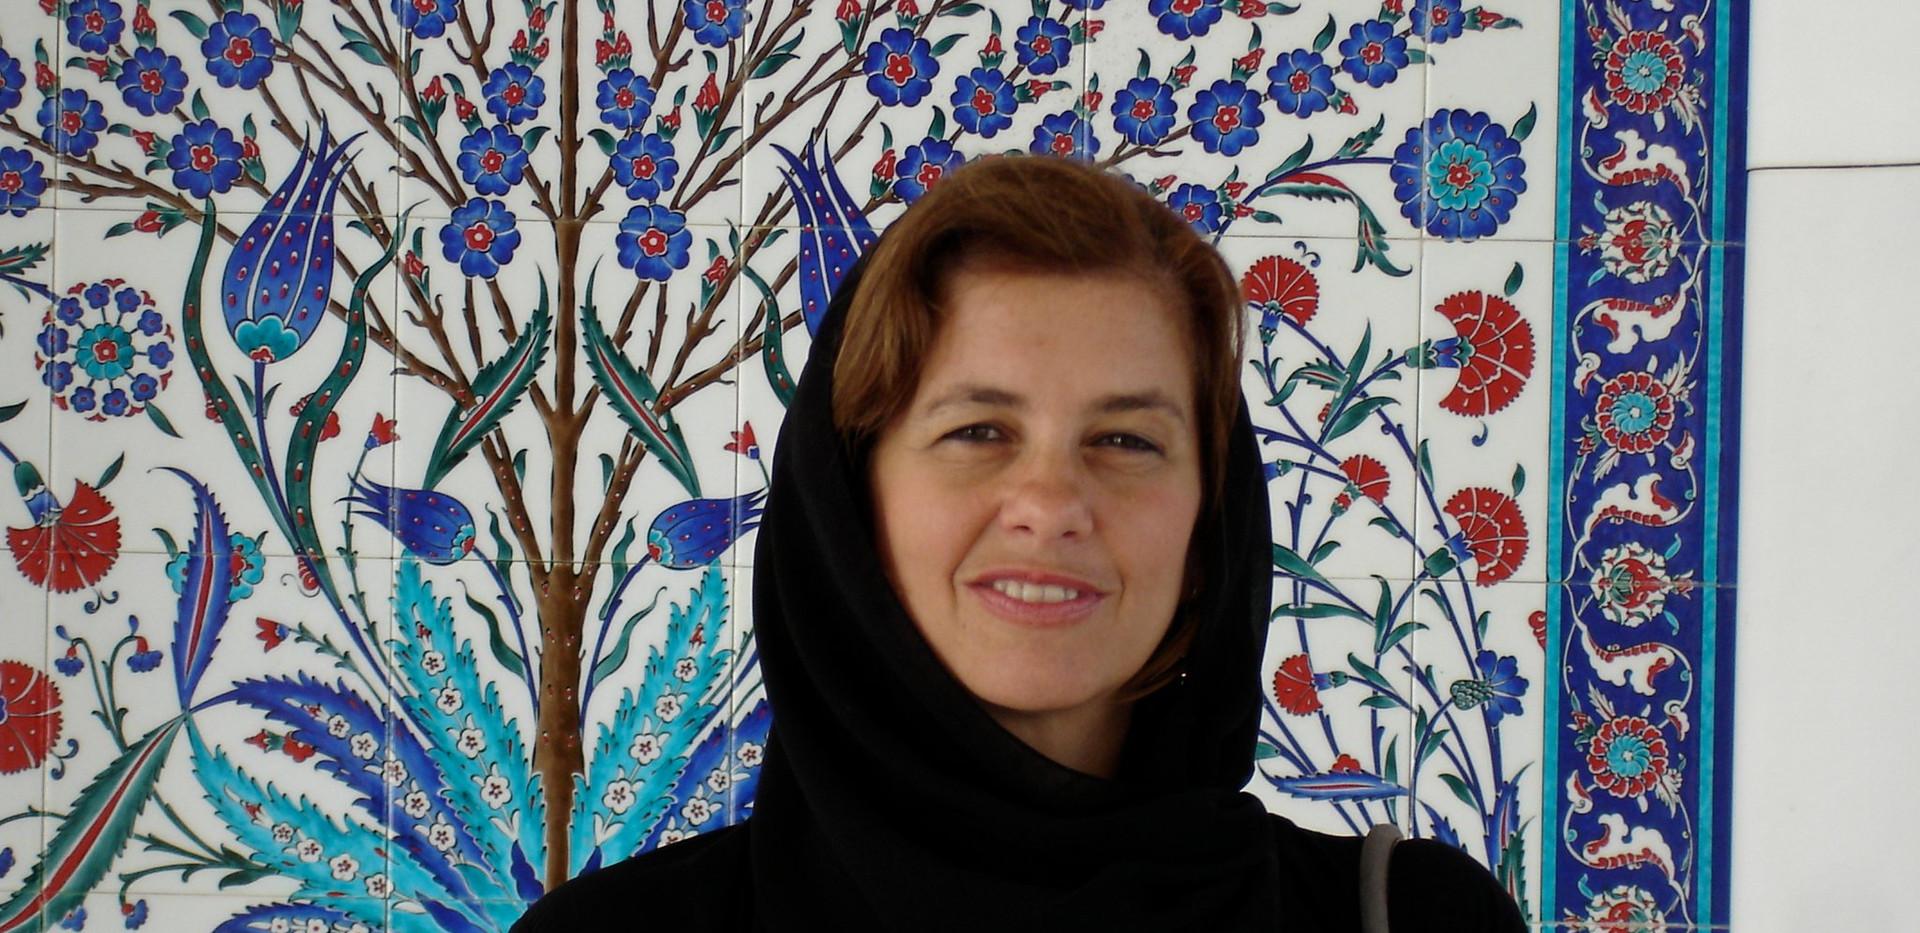 Abu Dhabi, 2011